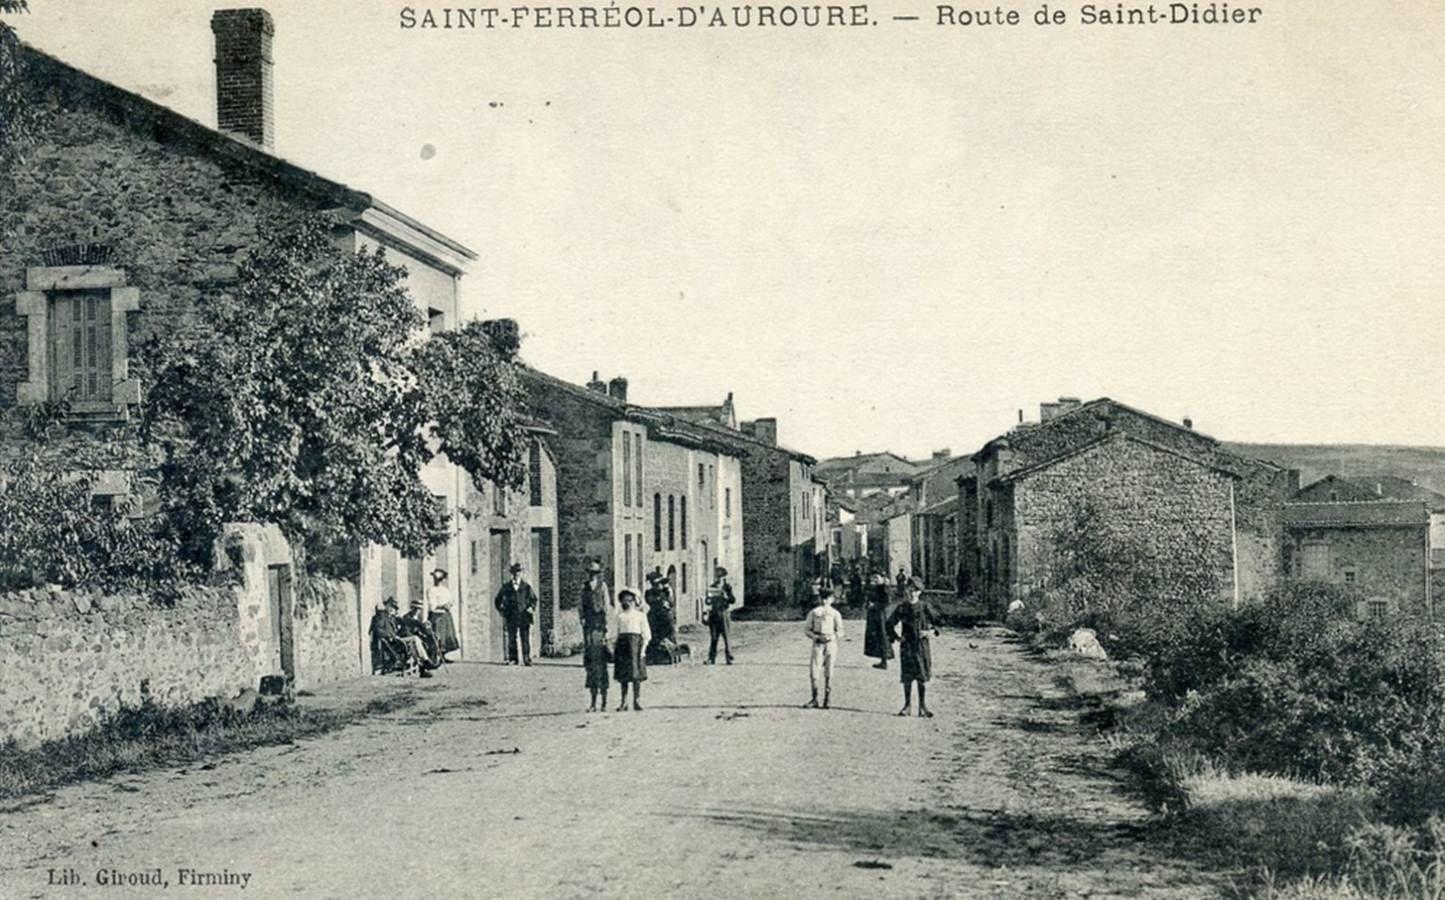 Il était une fois Saint Férréol d'Auroure